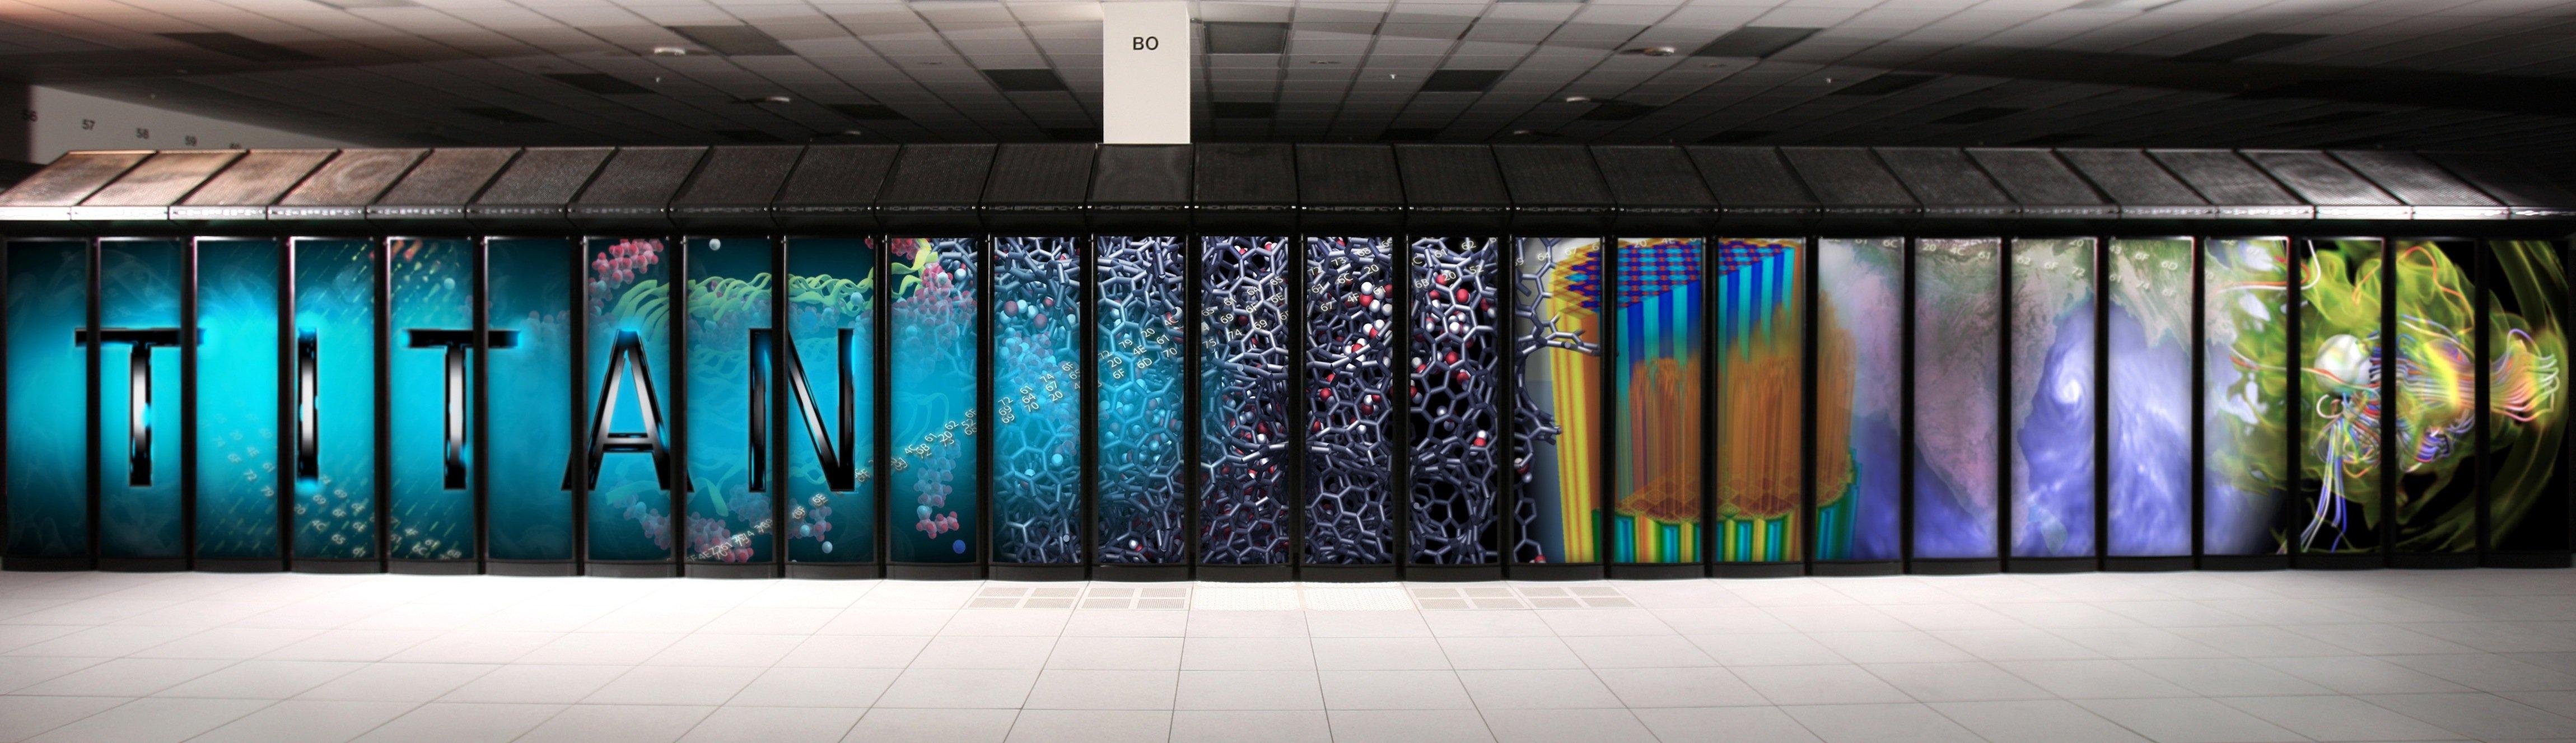 Imposantes Bild: der amerikanische Supercomputer Titan. Jetzt wollen die USA für 325 Millionen US-Dollar zwei neue Supercomputer bauen, die den chinesischen RekordhalterTianhe-2 ablösen sollen.